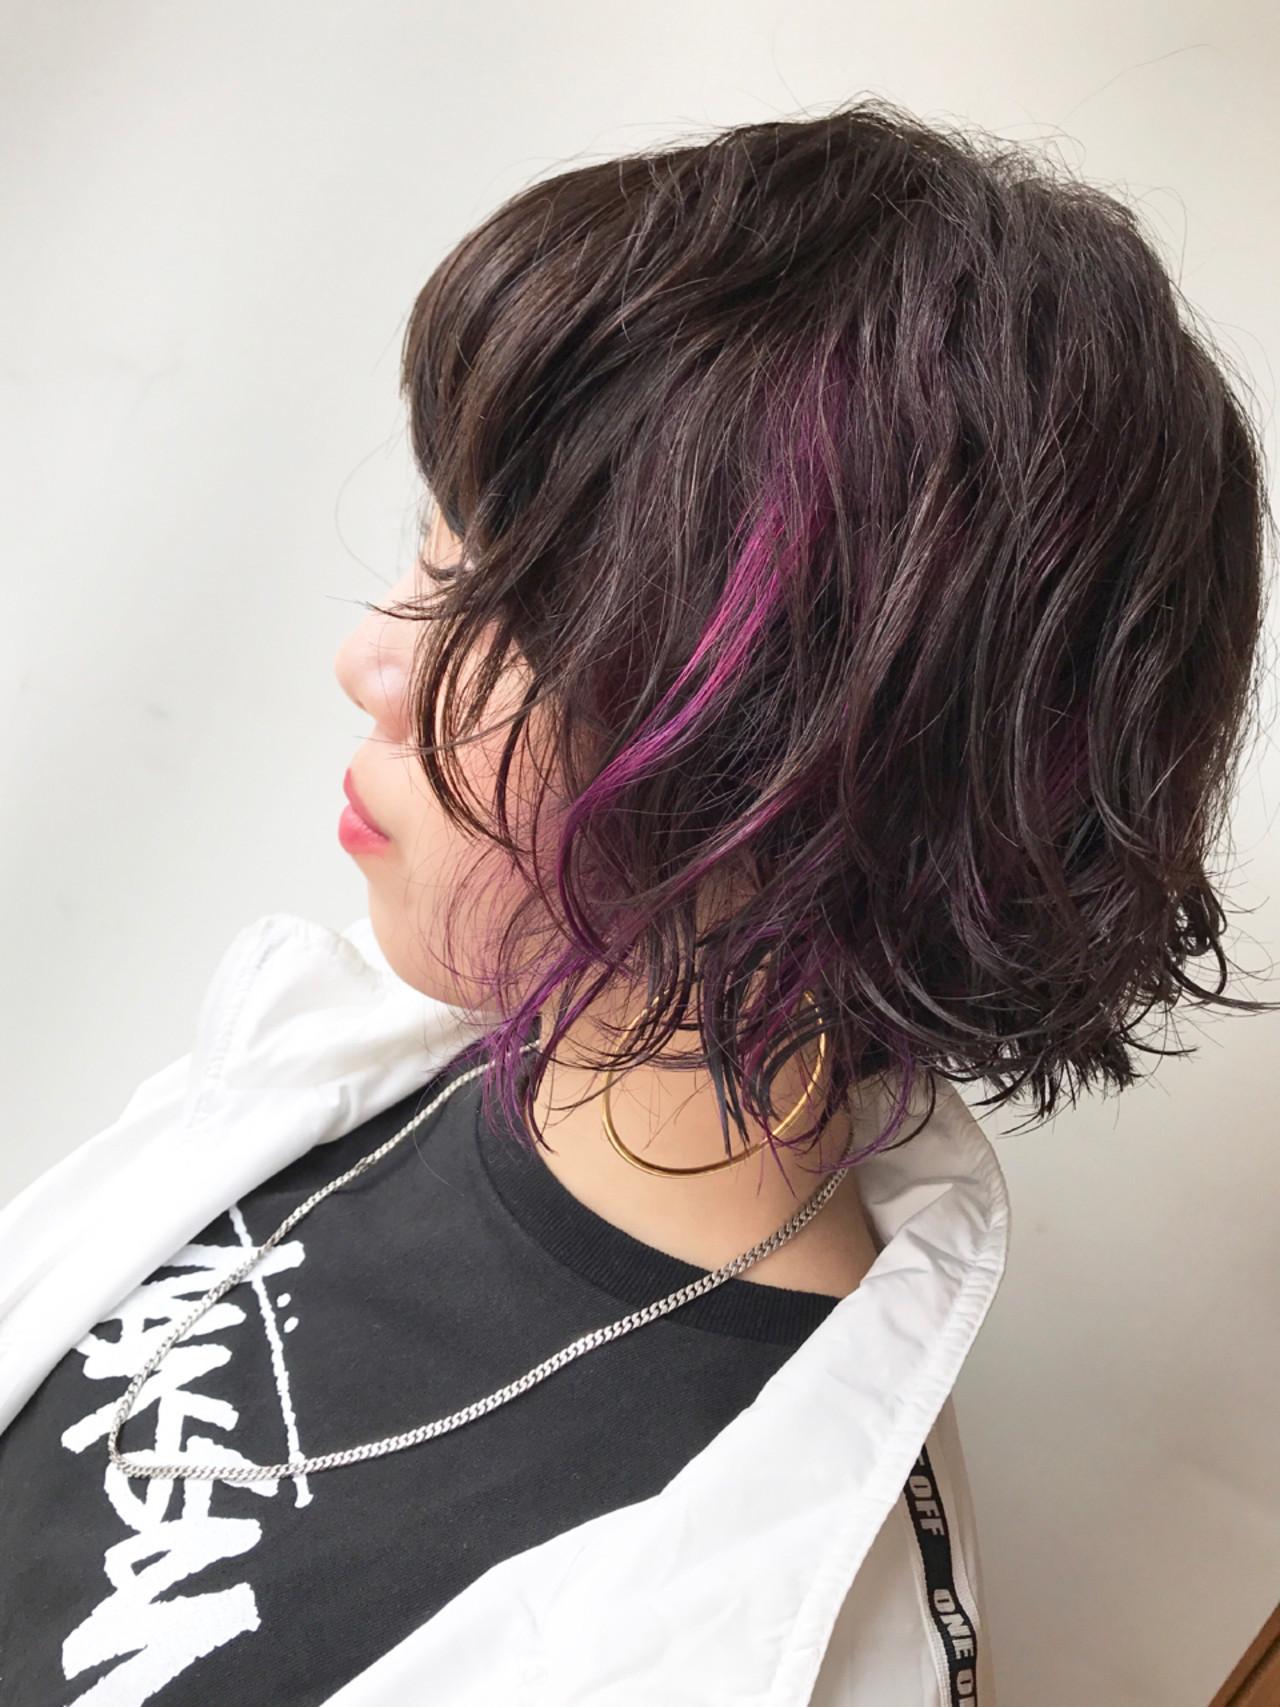 ウェーブパーマ×ピンクでおしゃれっぽヘアに♡ Hiro【morio London】